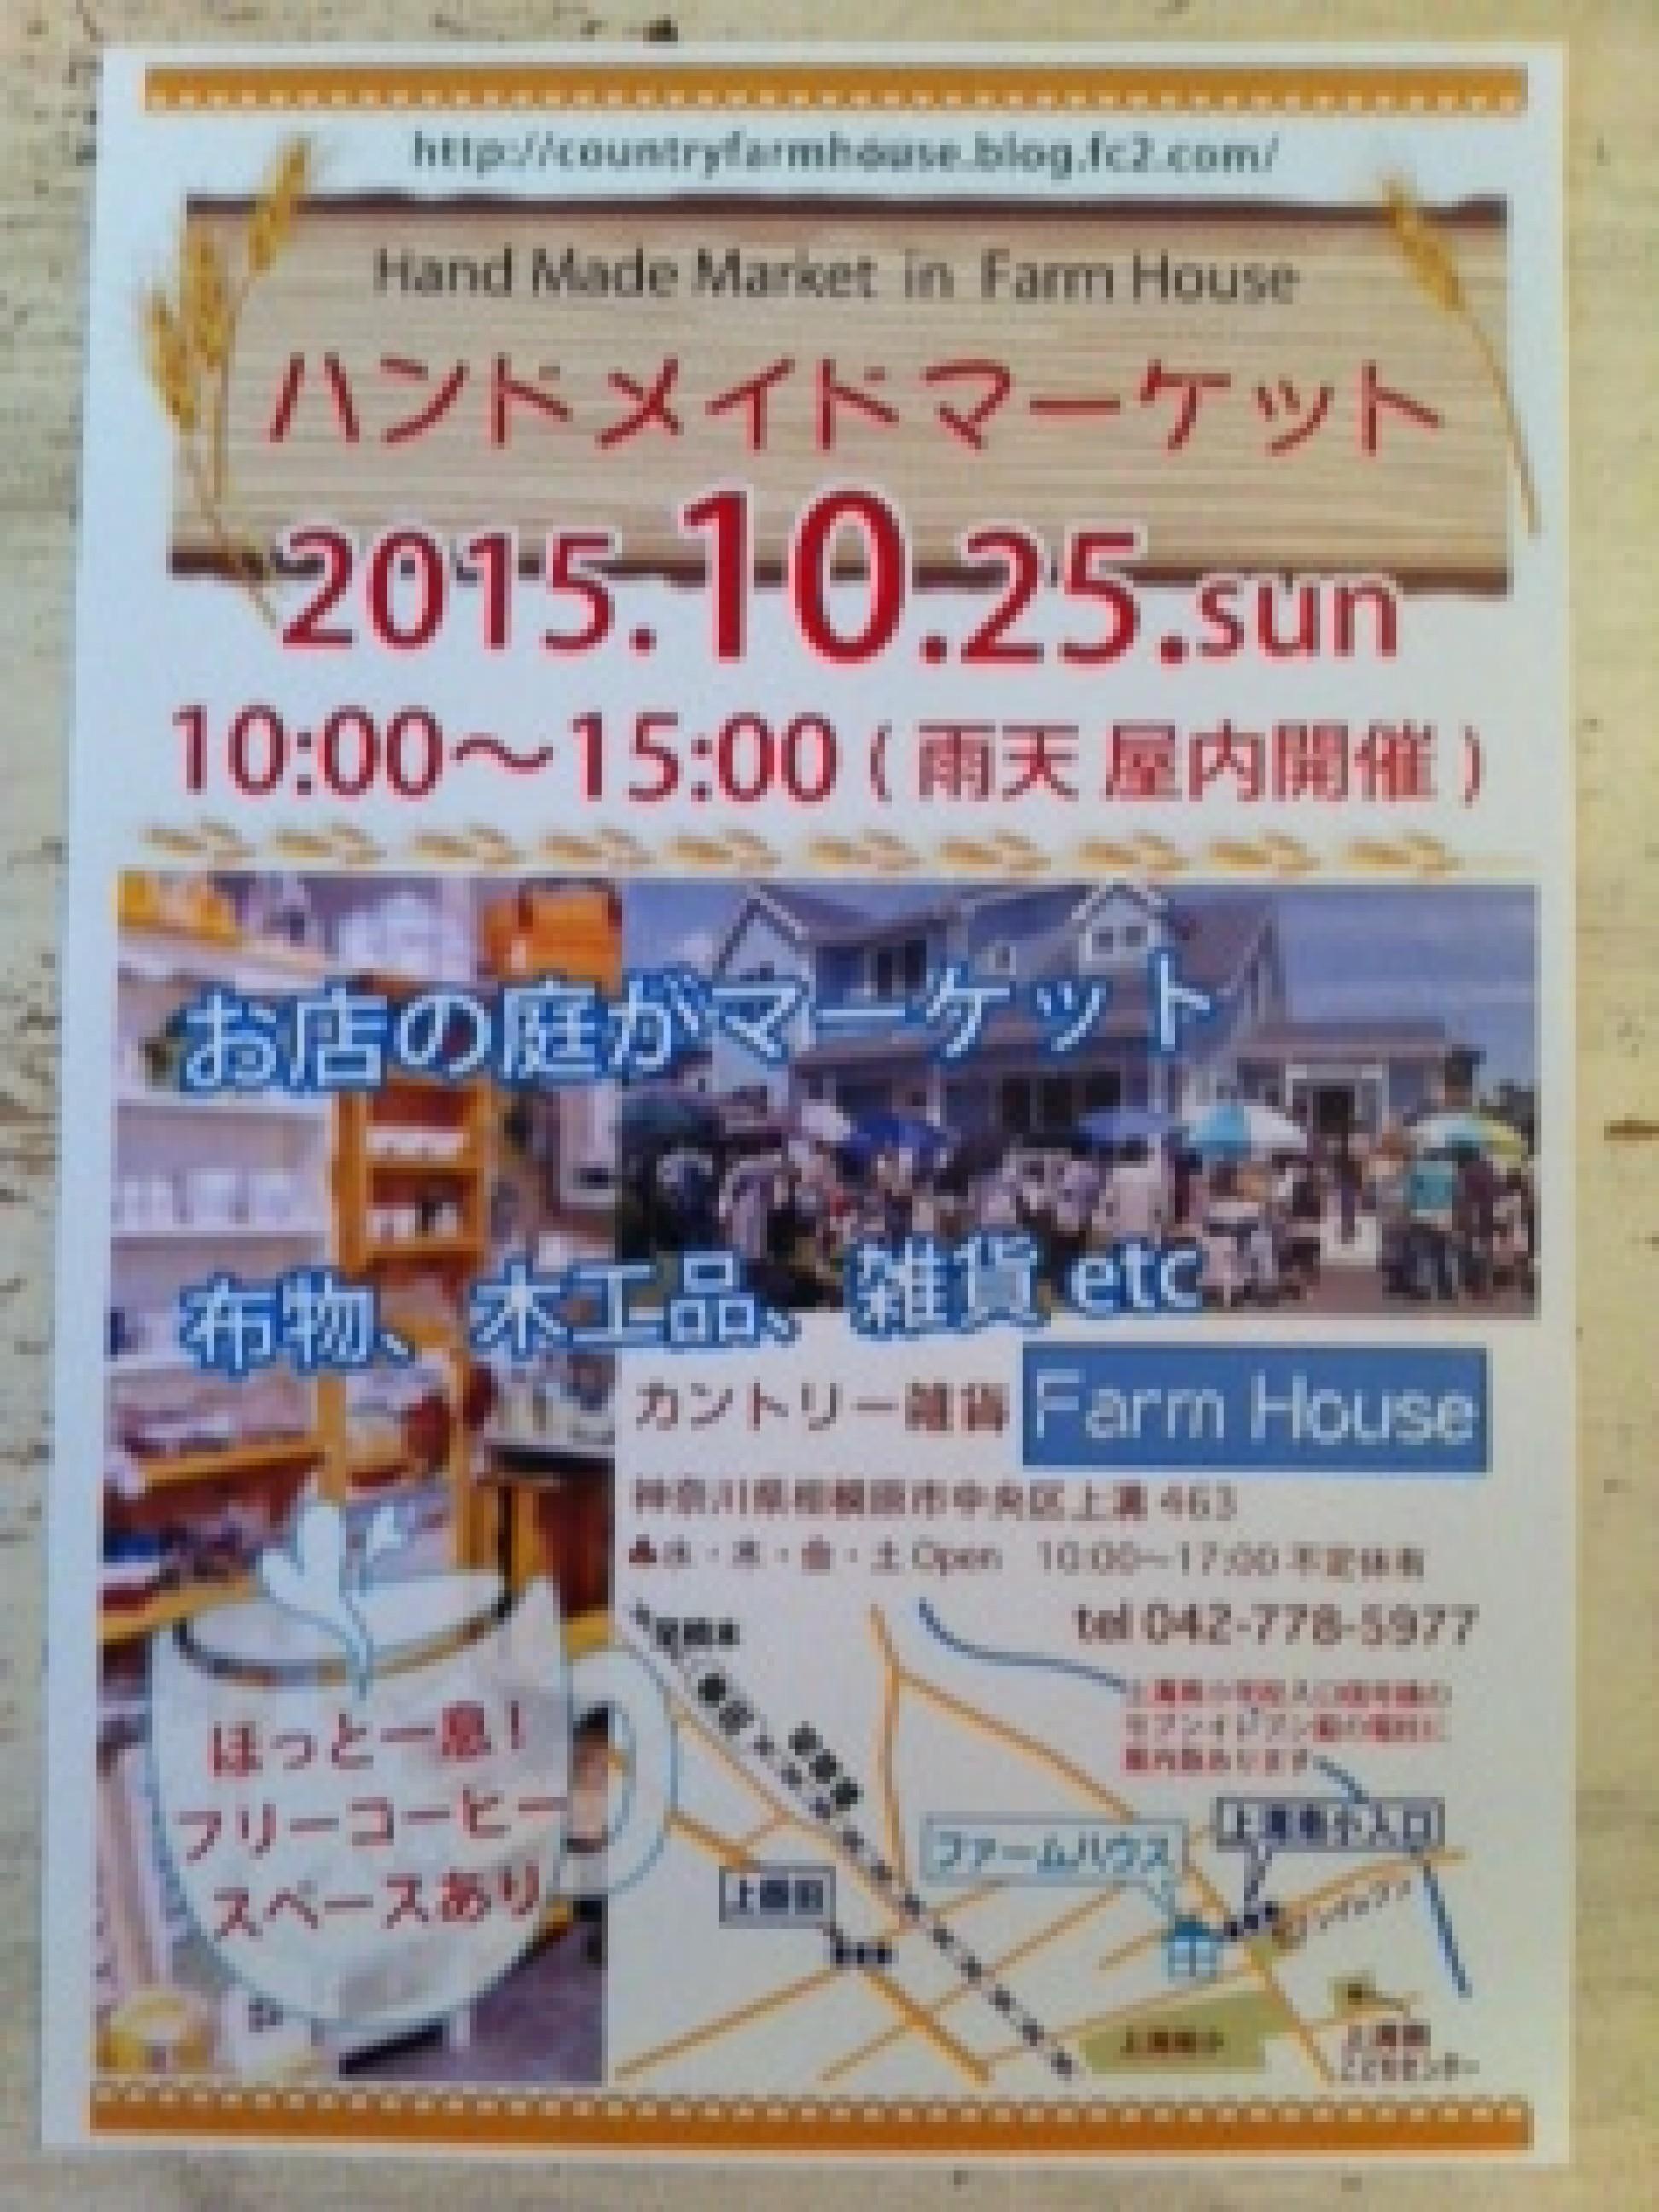 moblog_a1060a9a.jpg